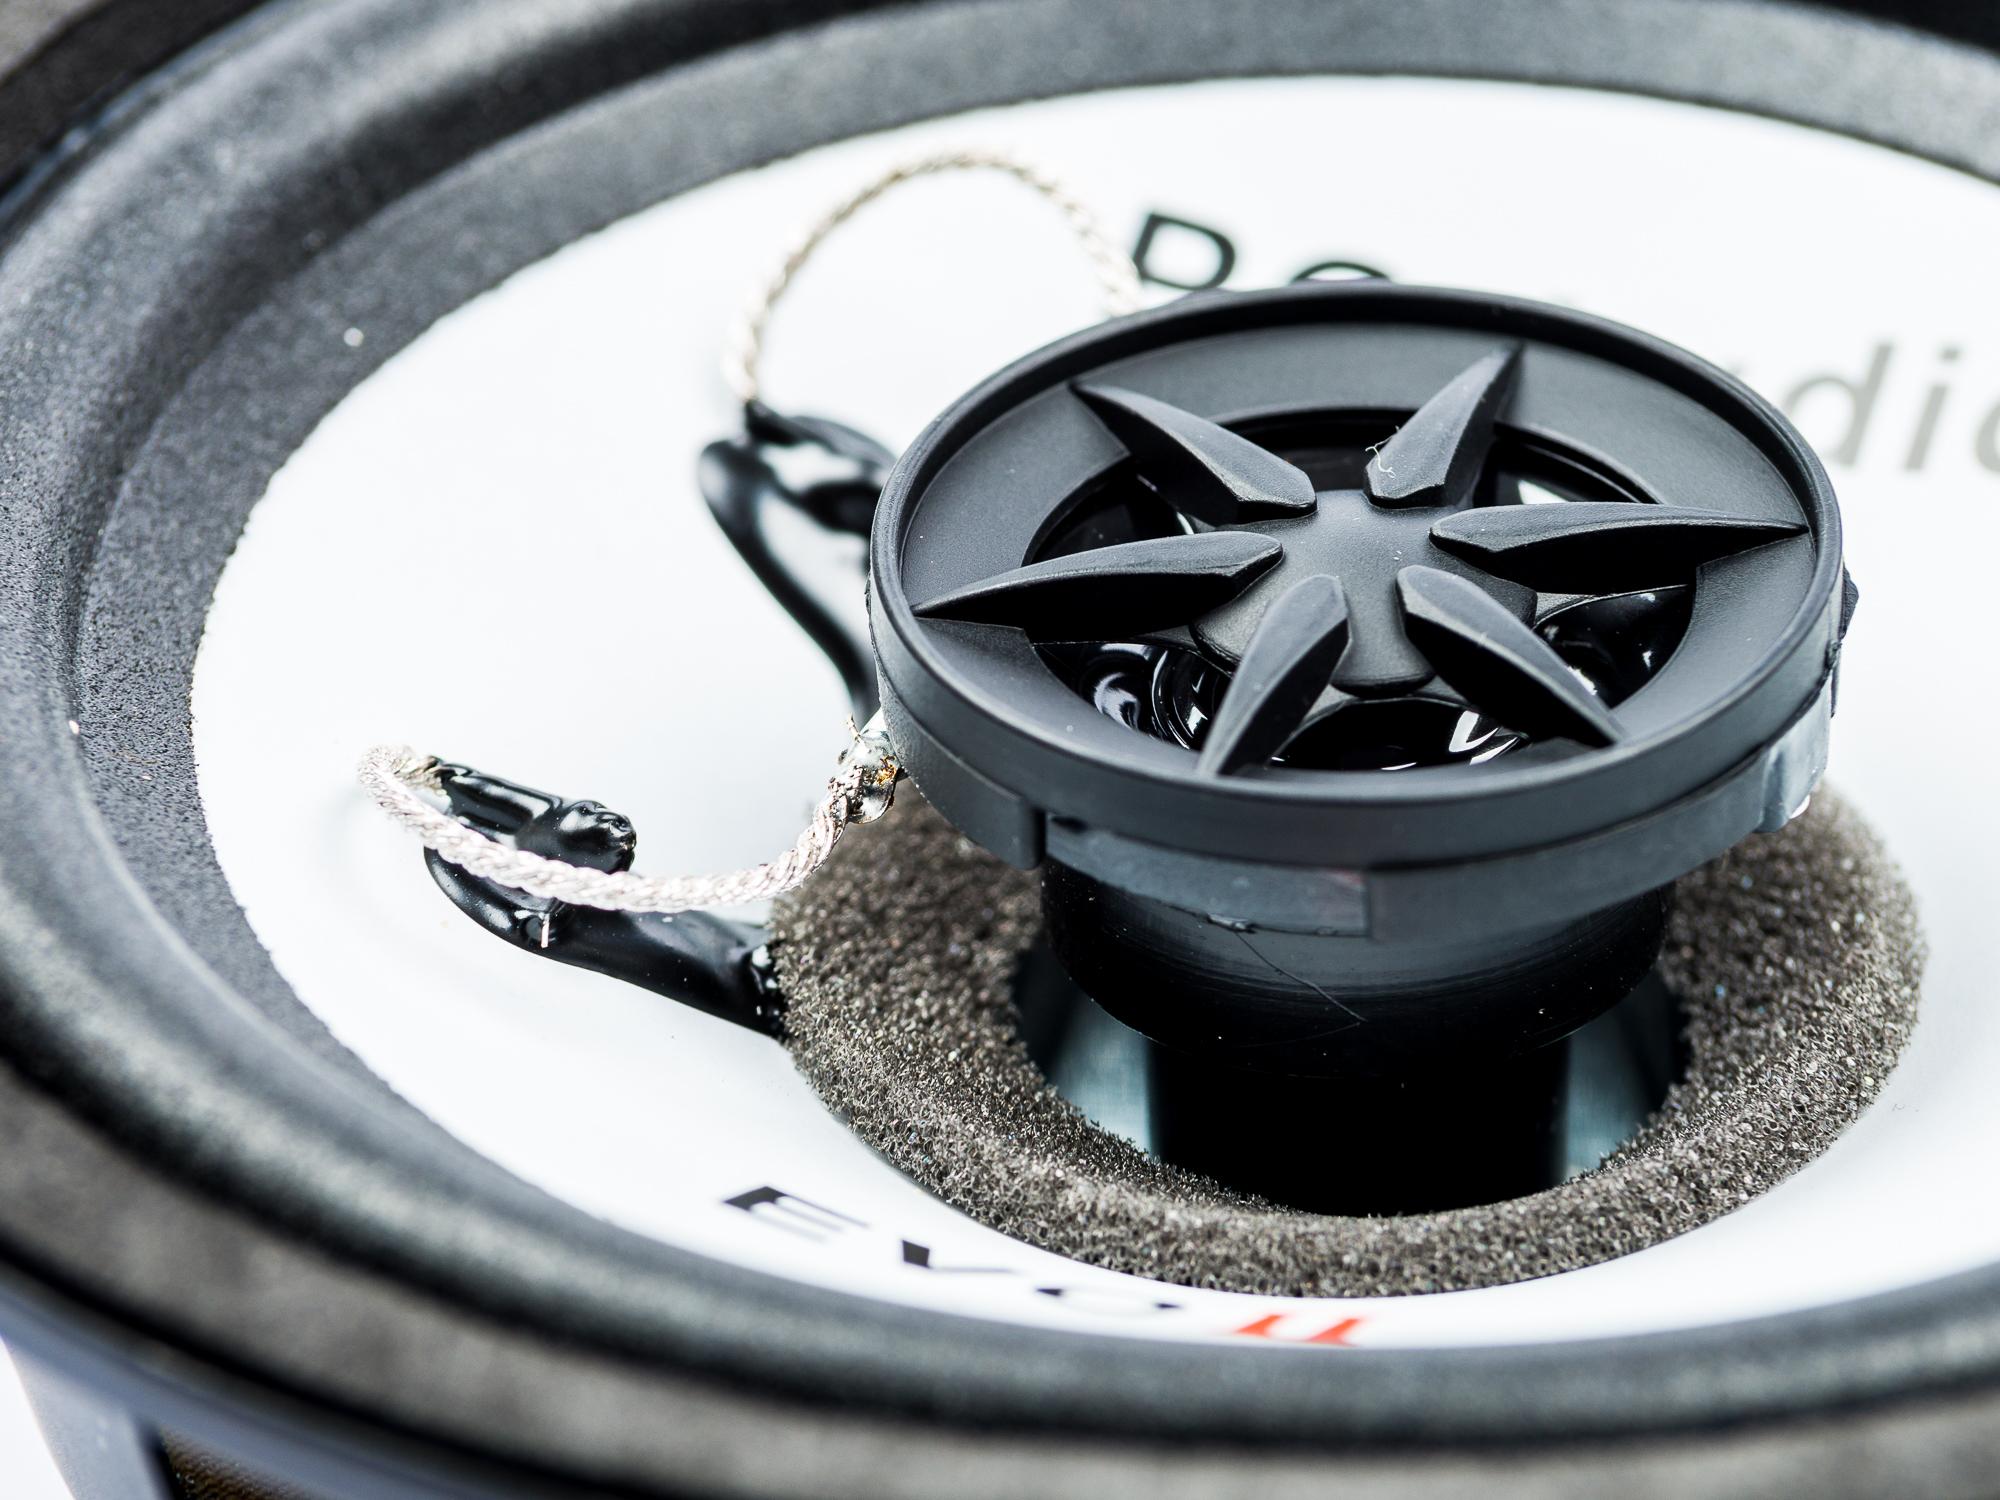 Renault Scenic X-Mod Lautsprecher Einbauset Tür vorne und hinten PG Audio – Bild 4